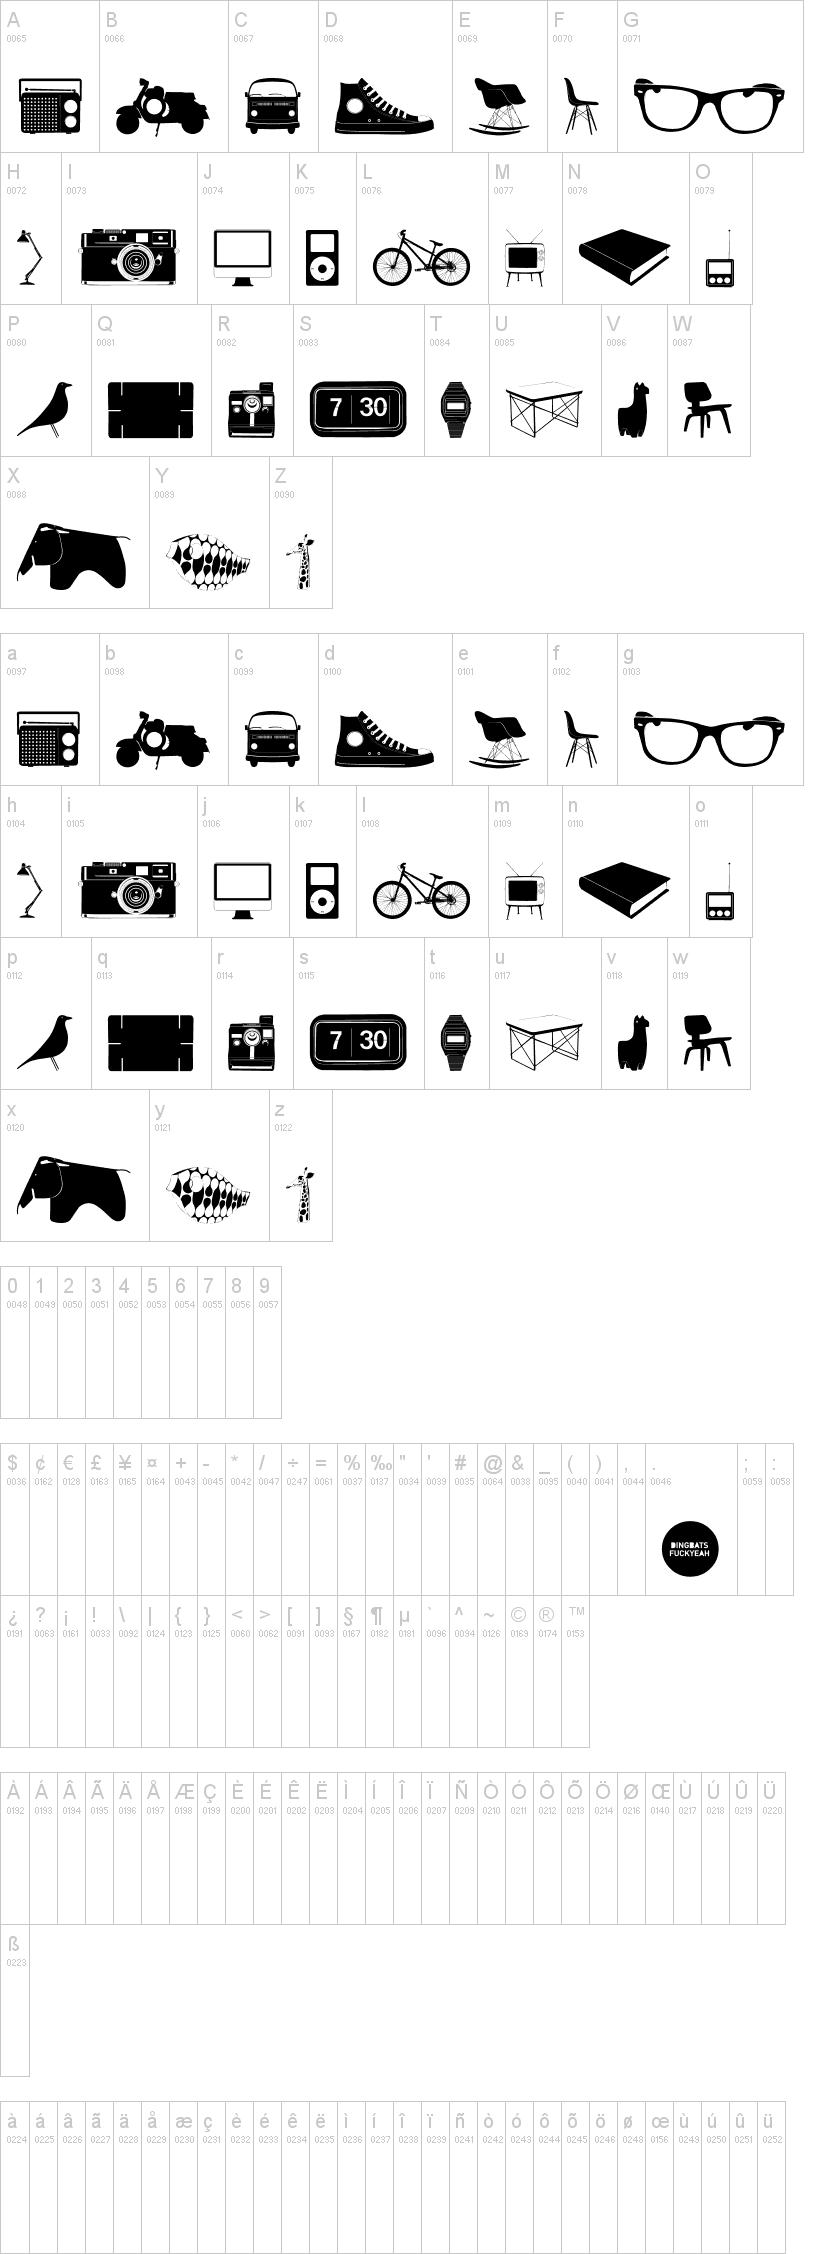 Cool stuff font for Coool stuff com